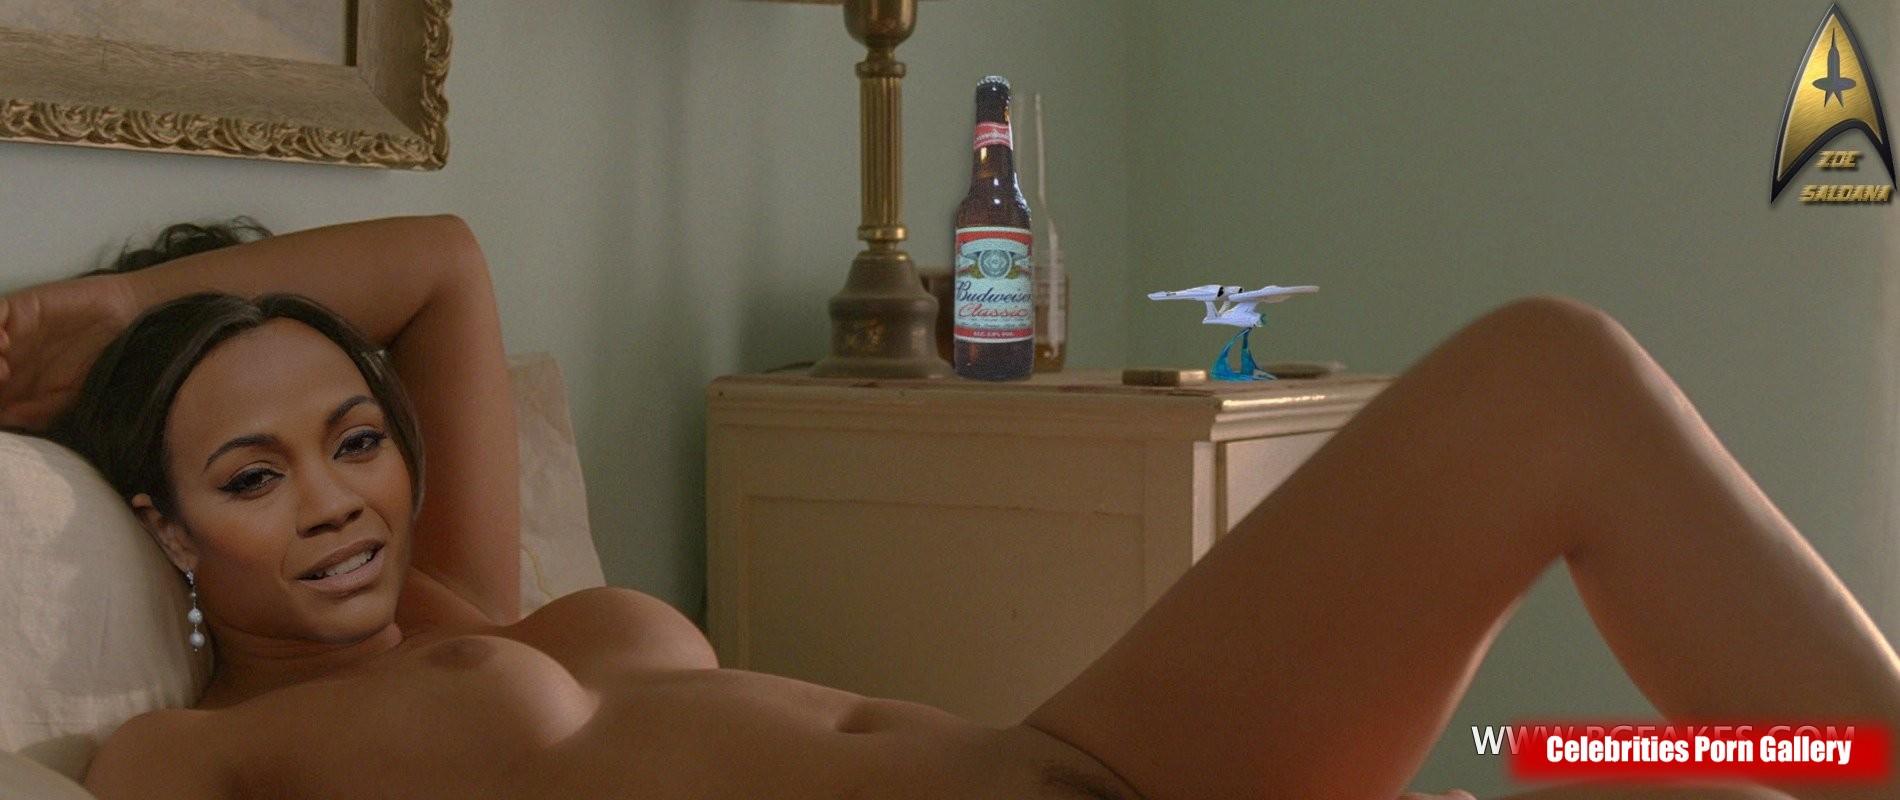 Zoe saldana pussy gif